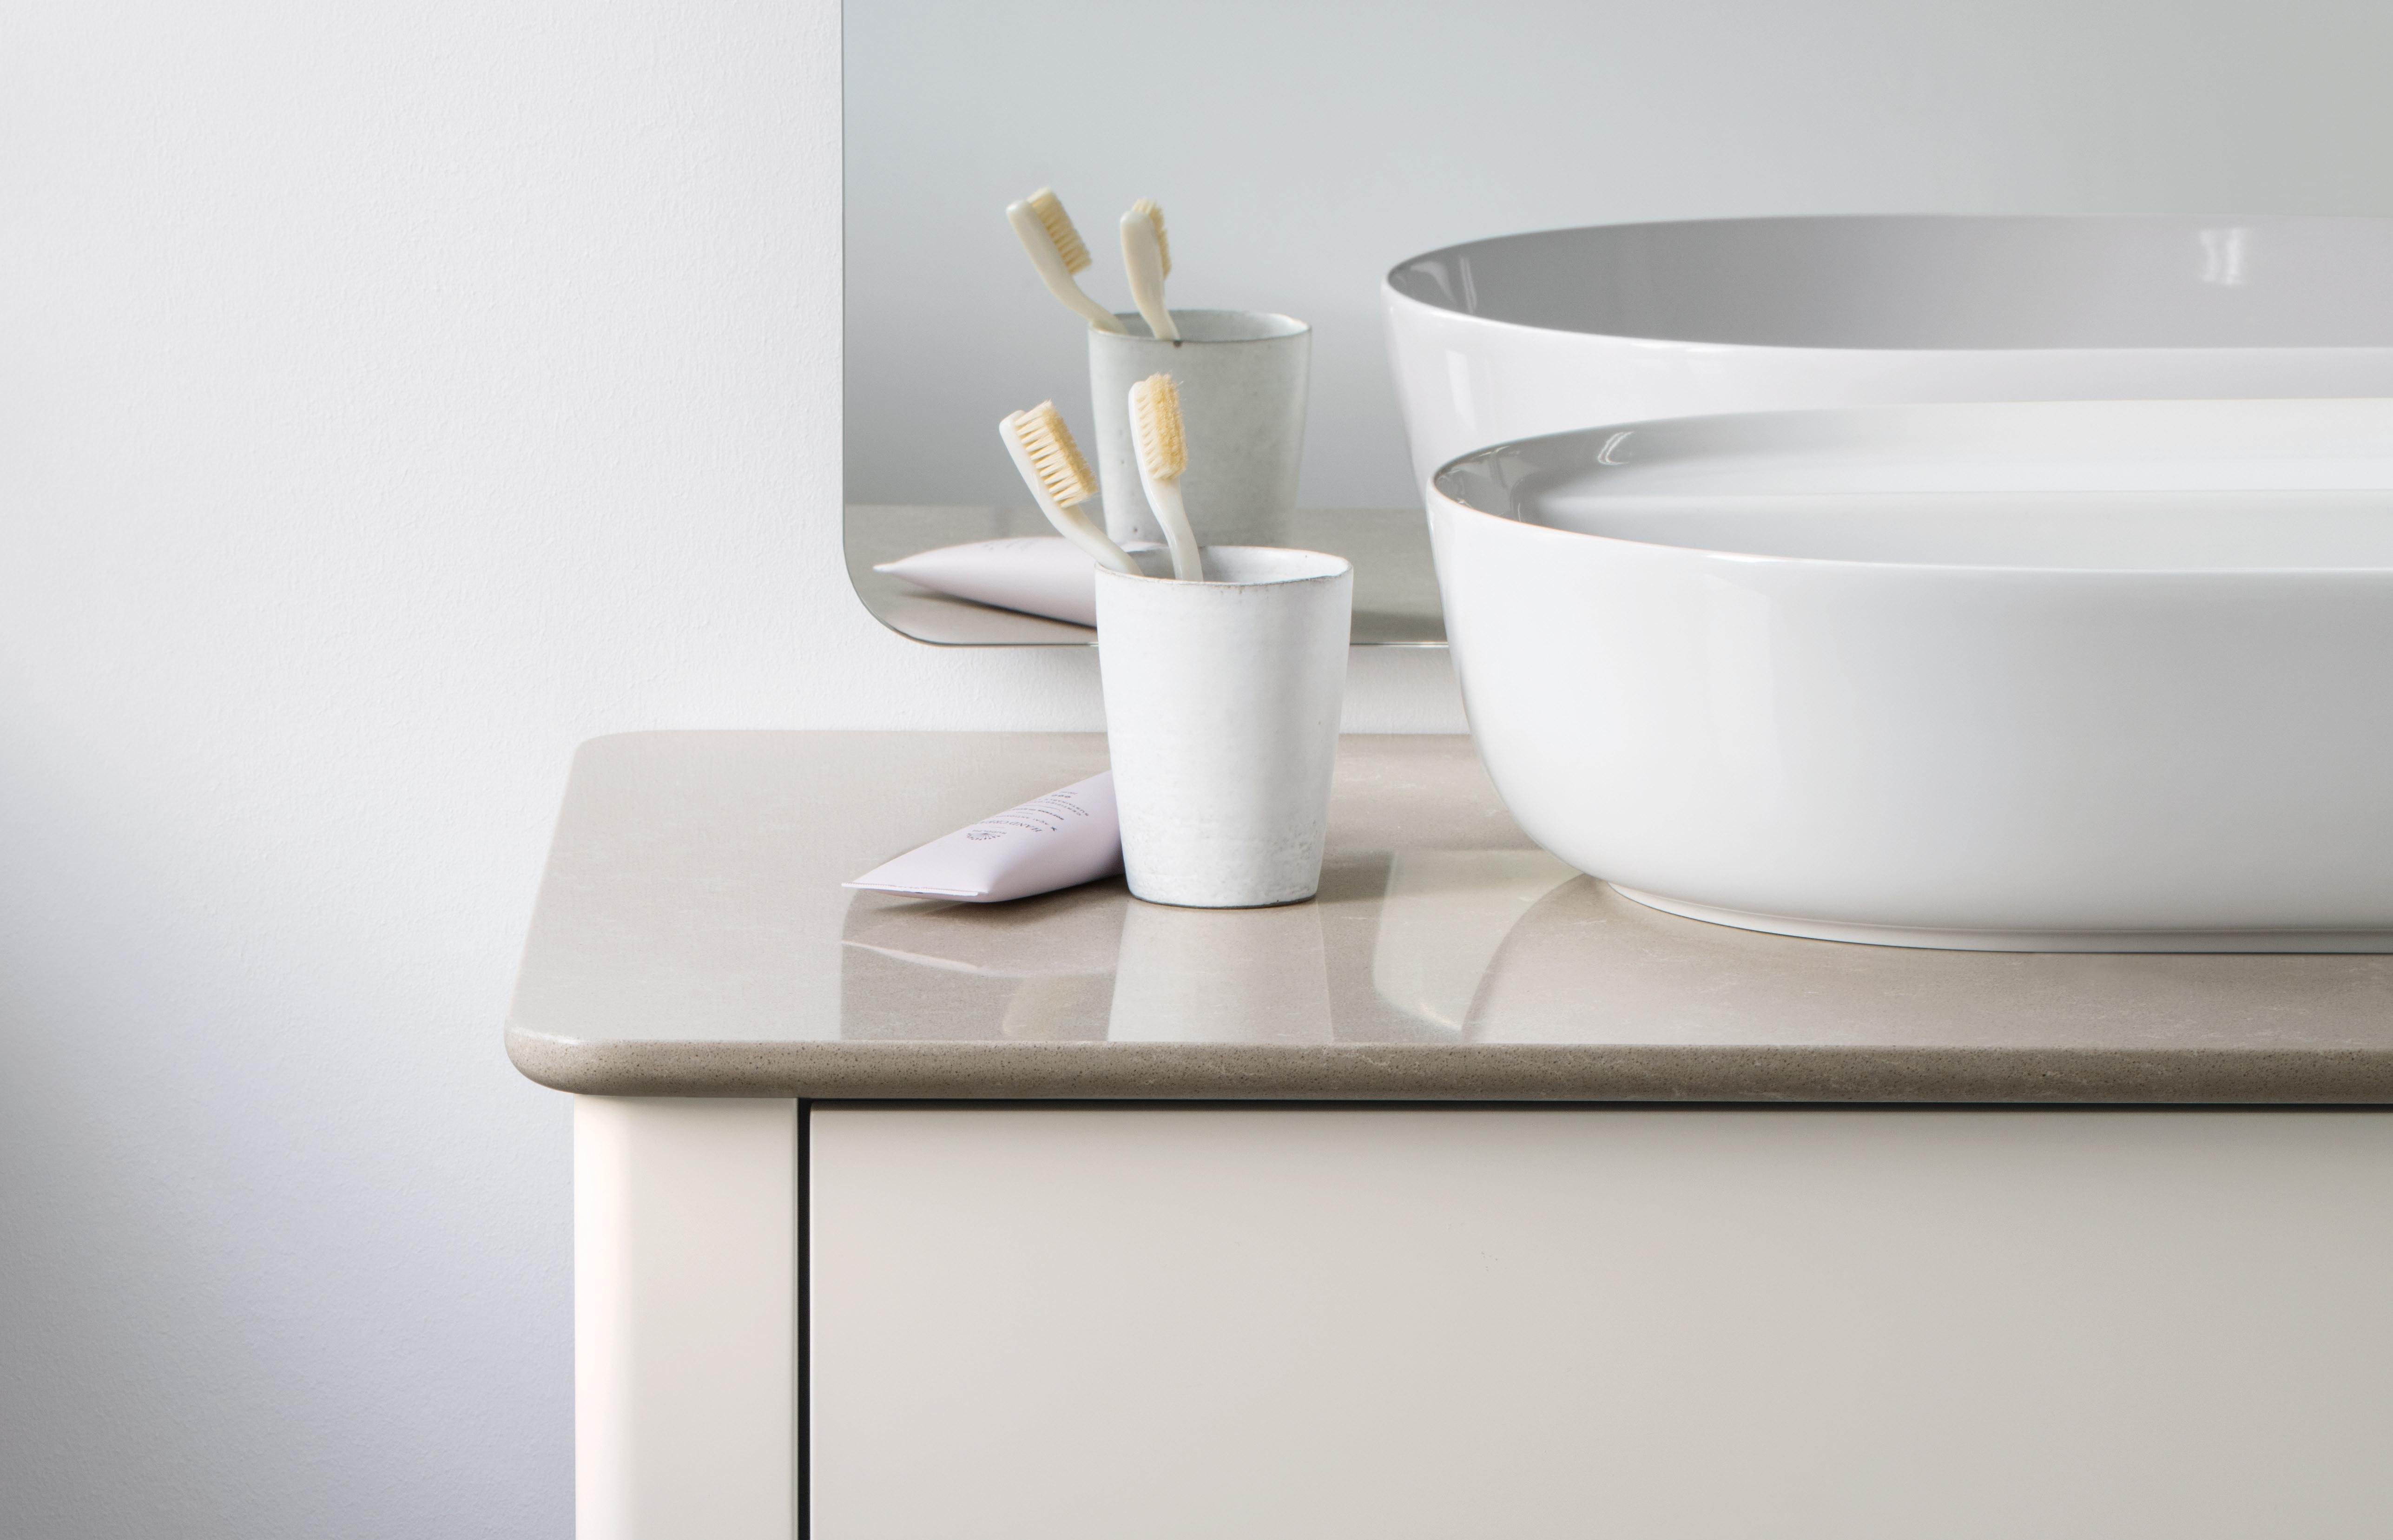 Perfect Cramique Sanitaire Et Meubles De Salle De Bains Design Pour Votre  Maison Duravit With Comment Poser Un Plan De Travail Sans Meuble With  Comment ...